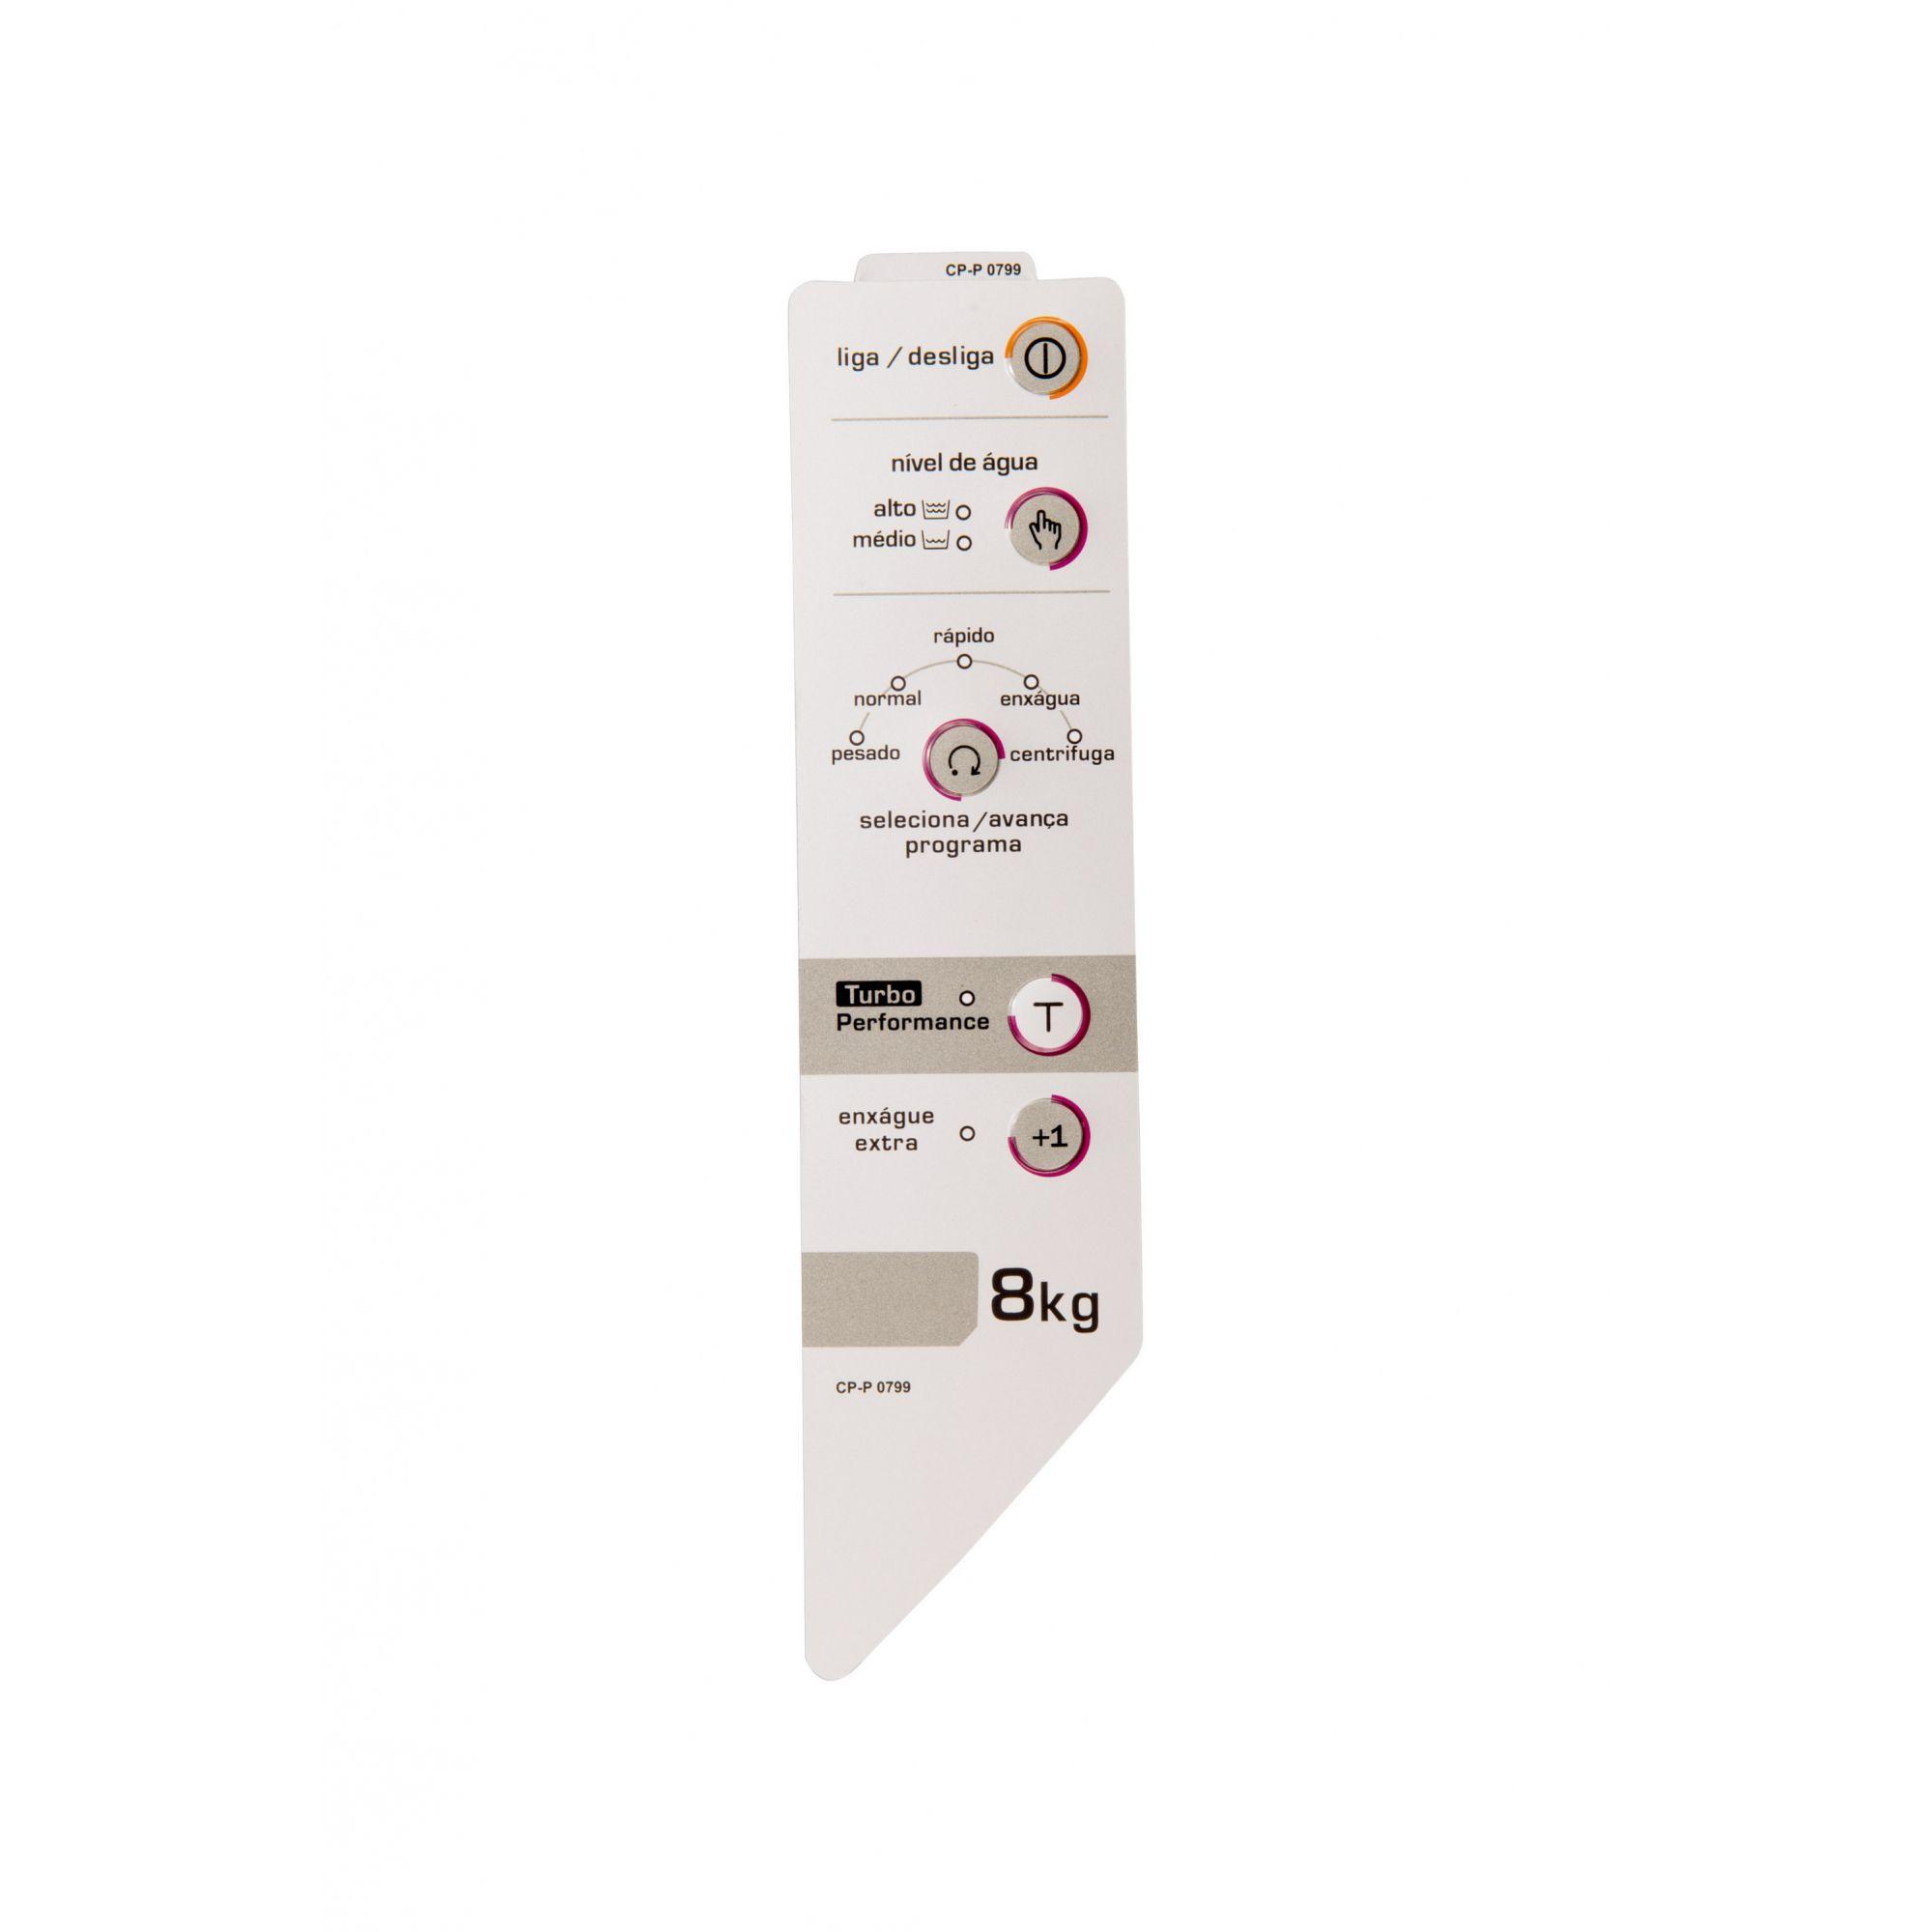 Painel Decorativo Compatível Lavadora BWC08A Turbo Direito W10162698-CP0799